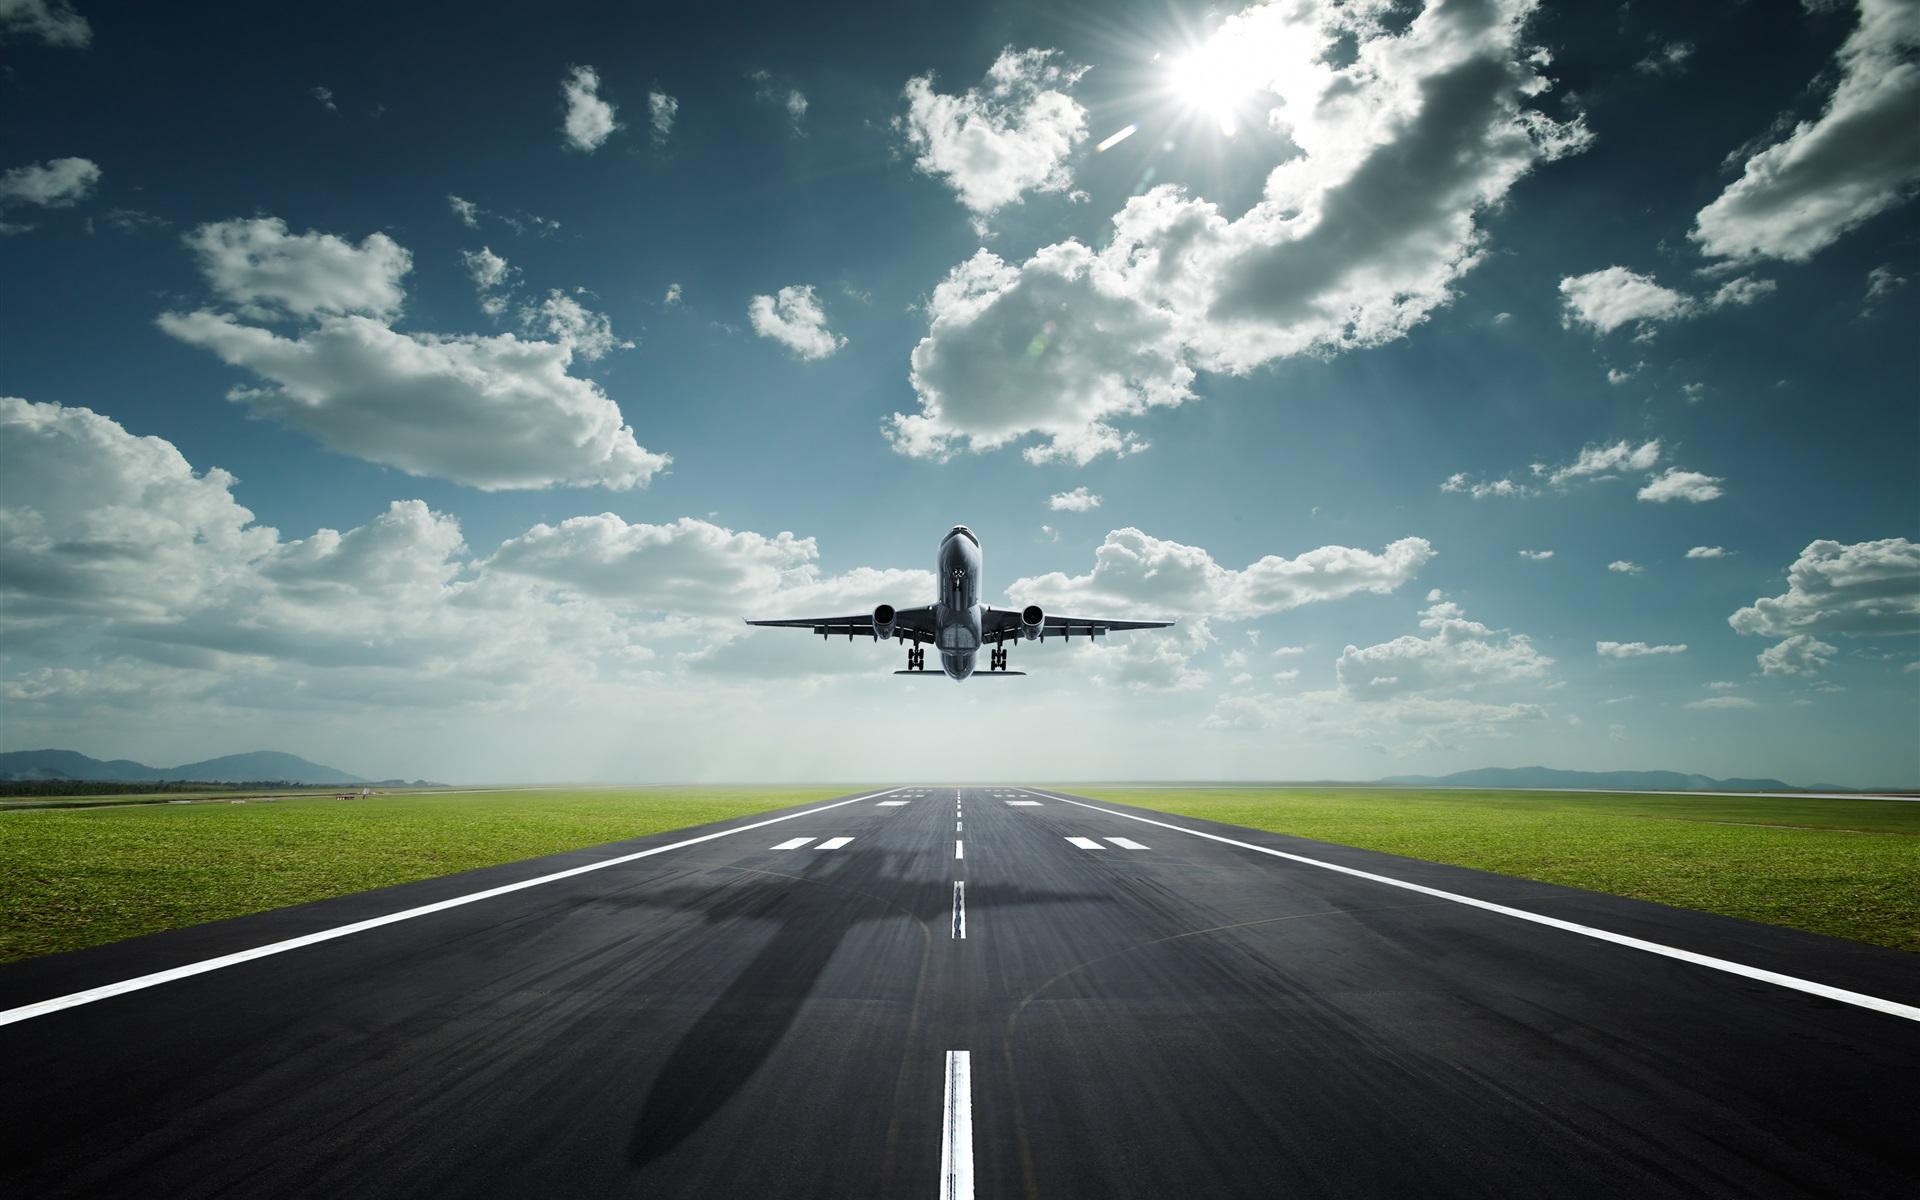 самолет взлет фото внешний вид, отличные